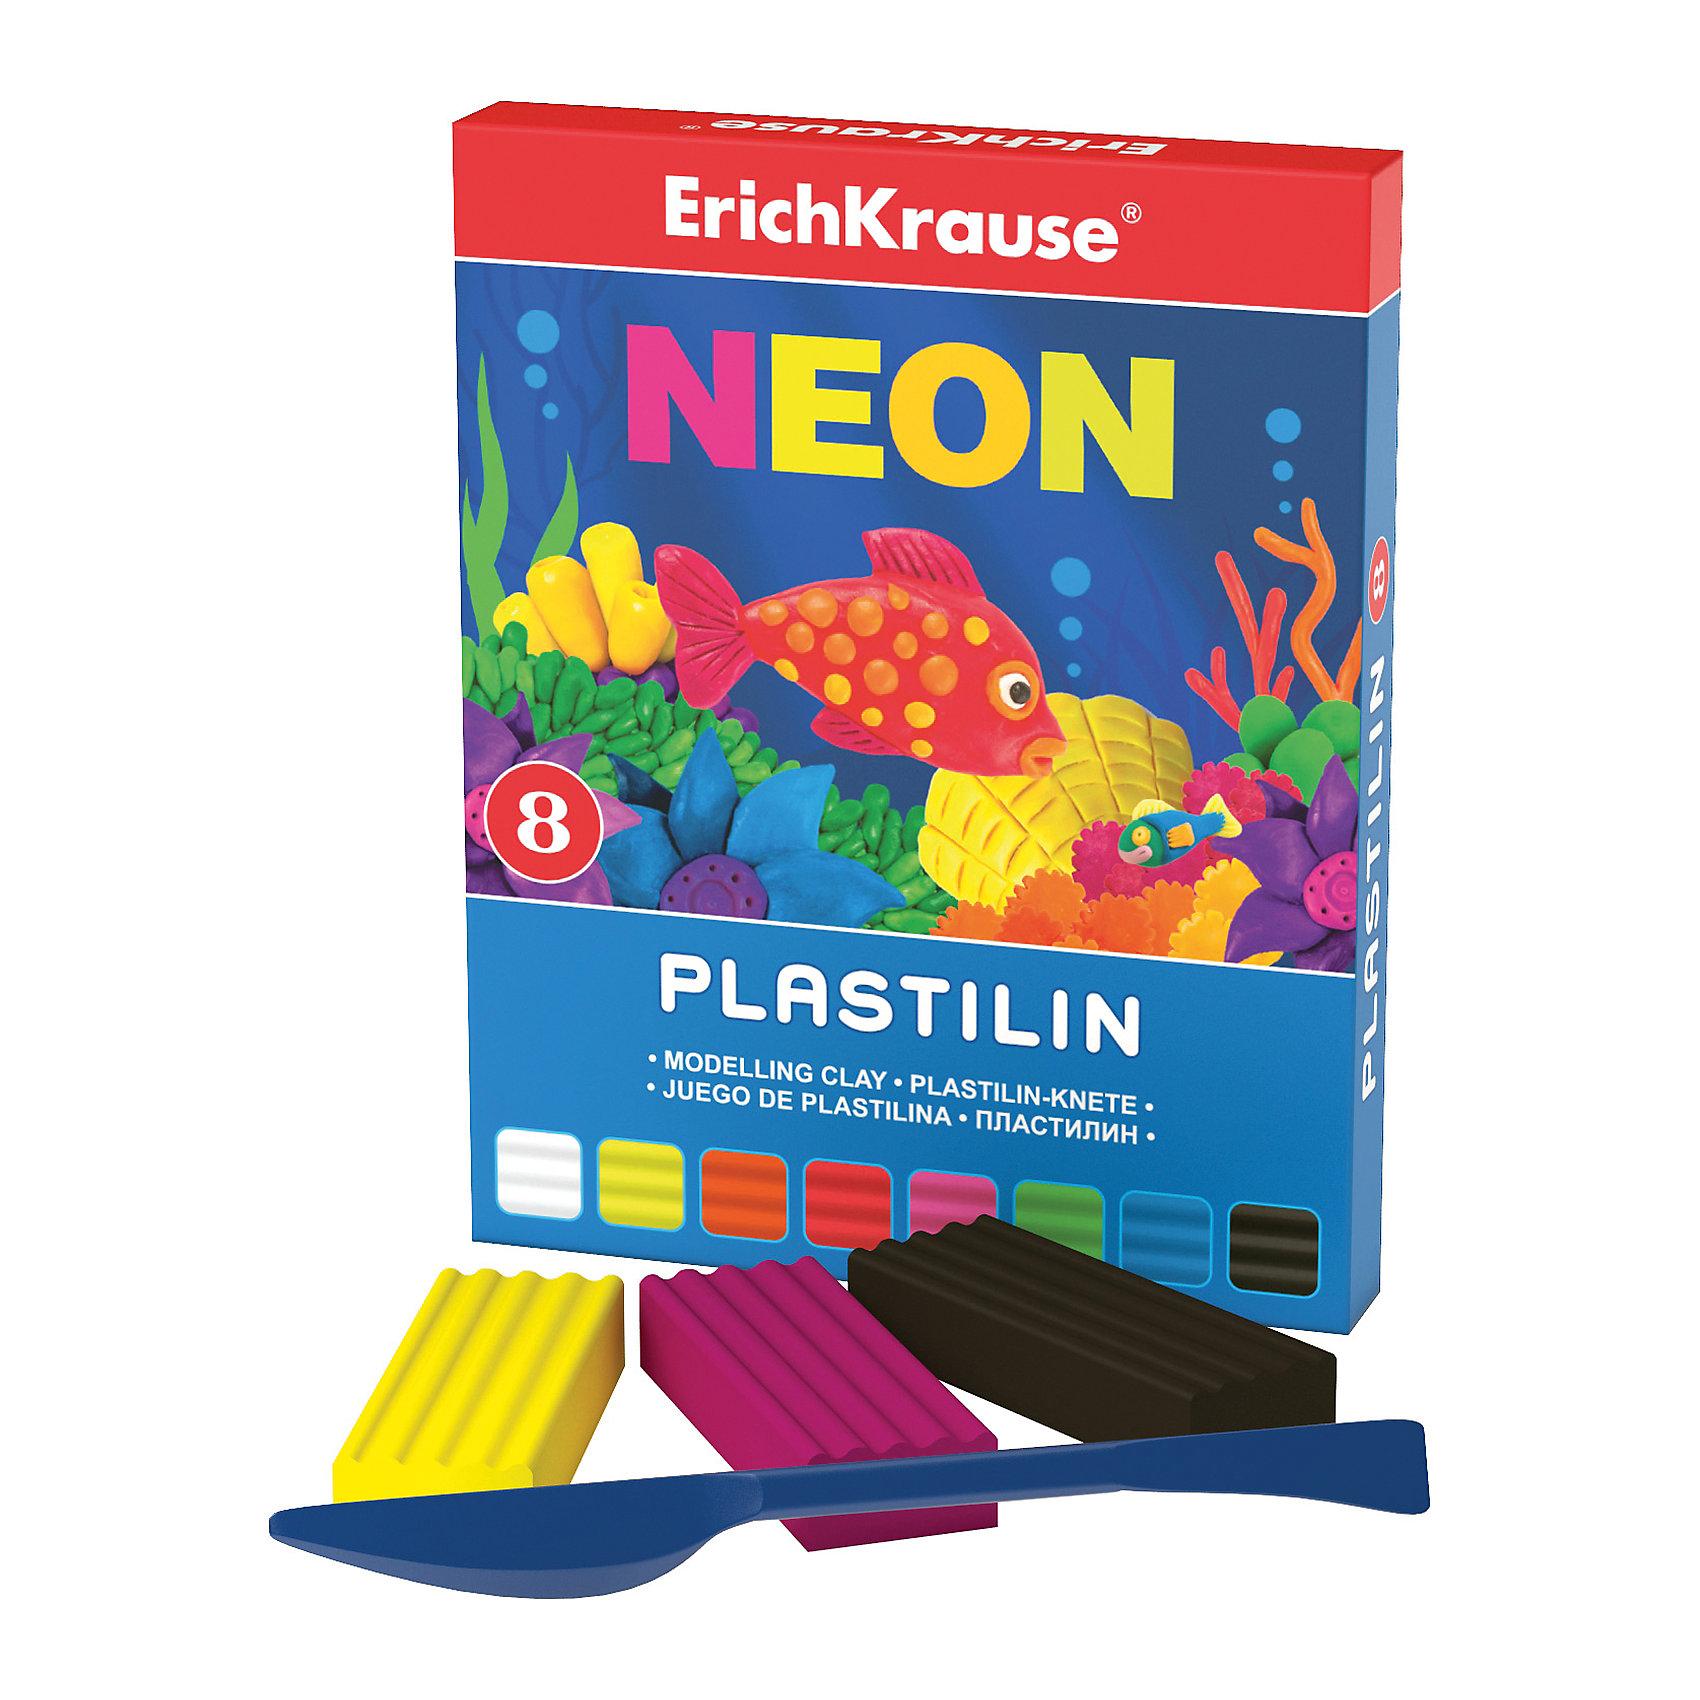 Пластилин Neon (8 цветов, 144г + стек), ArtberryПластилин Neon (Неон) (8 цветов, 144г + стек), Artberry (Артберри) невероятно мягкий и пластичный, поэтому из брусочков отлично получаются как плоские (так называемая техника рисования пластилином на поверхности), так и объемные фигурки. Набор пластилина отличается яркой и насыщенной палитрой, при этом цвета легко смешиваются между собой для получения новых оттенков. Позвольте вашему ребенку воплощать свои фантазии в лепке, развивая при этом воображение и мелкую моторику.<br><br>Характеристики:<br>-Сохраняет форму, не застывает на воздухе<br>-Произведен на основе натуральных растительных компонентов<br>-Не липнет к рукам или рабочей поверхности, не оставляет жирных пятен<br>-Лепка пластилином способствует развитию мелкой моторики, целеустремленности, терпения, творческих способностей<br><br>Комплектация: пластилин 8 цветов по 18 г, стек (пластиковый нож)<br><br>Дополнительная информация:<br>-Вес в упаковке: 175 г<br>-Размеры в упаковке: 151х119х10 мм<br>-Материалы: пластилин, пластик<br><br>Набор пластилина из 8 цветов является отличным подарком, который доставит настоящую радость детям и откроет новые возможности для развития творческих способностей Вашего ребенка.<br><br>Пластилин Neon (Неон) (8 цветов, 144г + стек), Artberry (Артберри) можно купить в нашем магазине.<br><br>Ширина мм: 151<br>Глубина мм: 119<br>Высота мм: 10<br>Вес г: 175<br>Возраст от месяцев: 36<br>Возраст до месяцев: 144<br>Пол: Унисекс<br>Возраст: Детский<br>SKU: 4058296